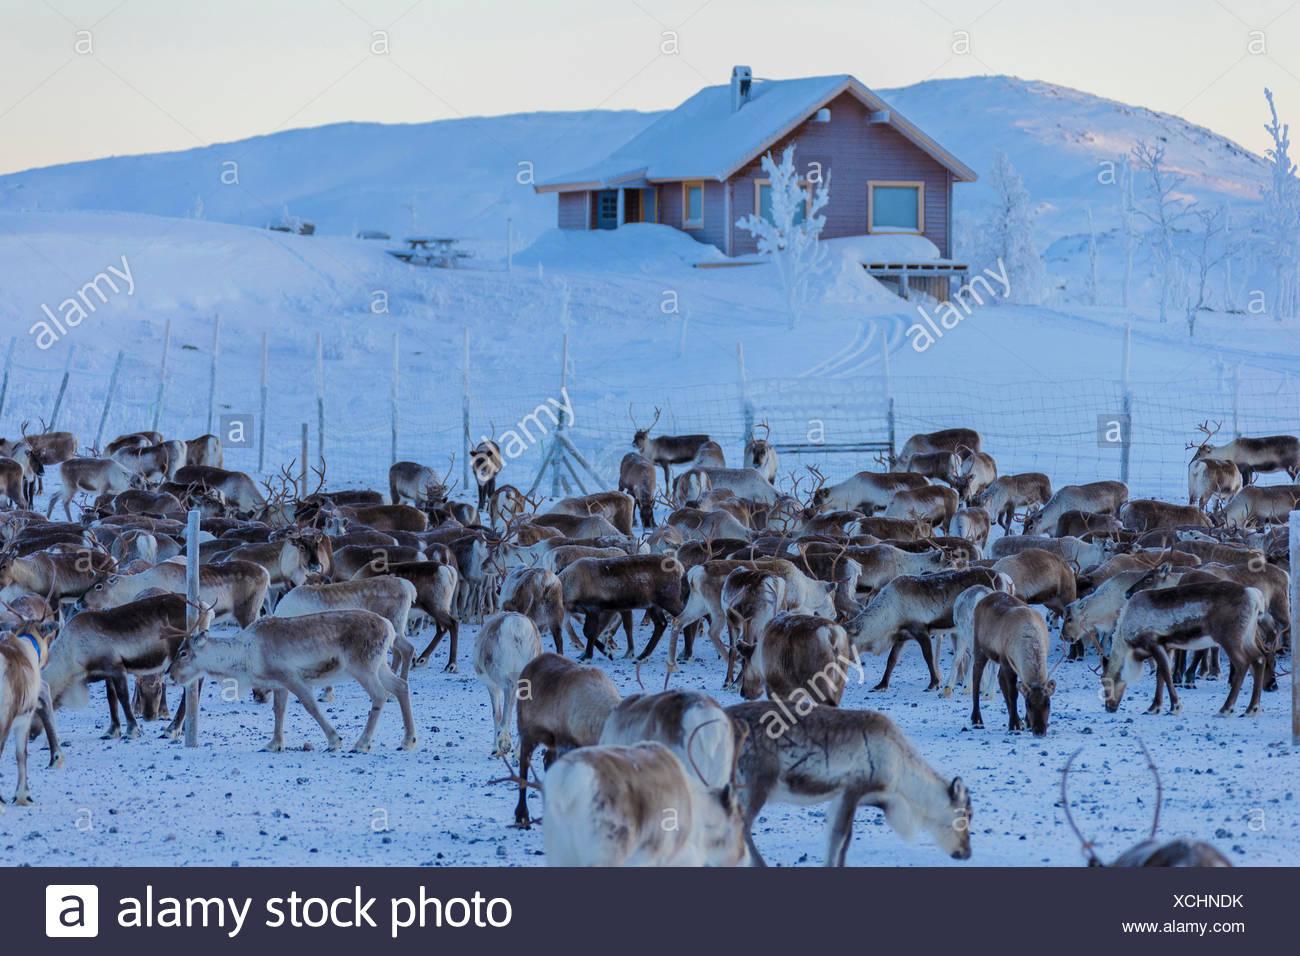 Herd of reindeer, Abisko, Kiruna Municipality, Norrbotten County, Lapland, Sweden - Stock Image